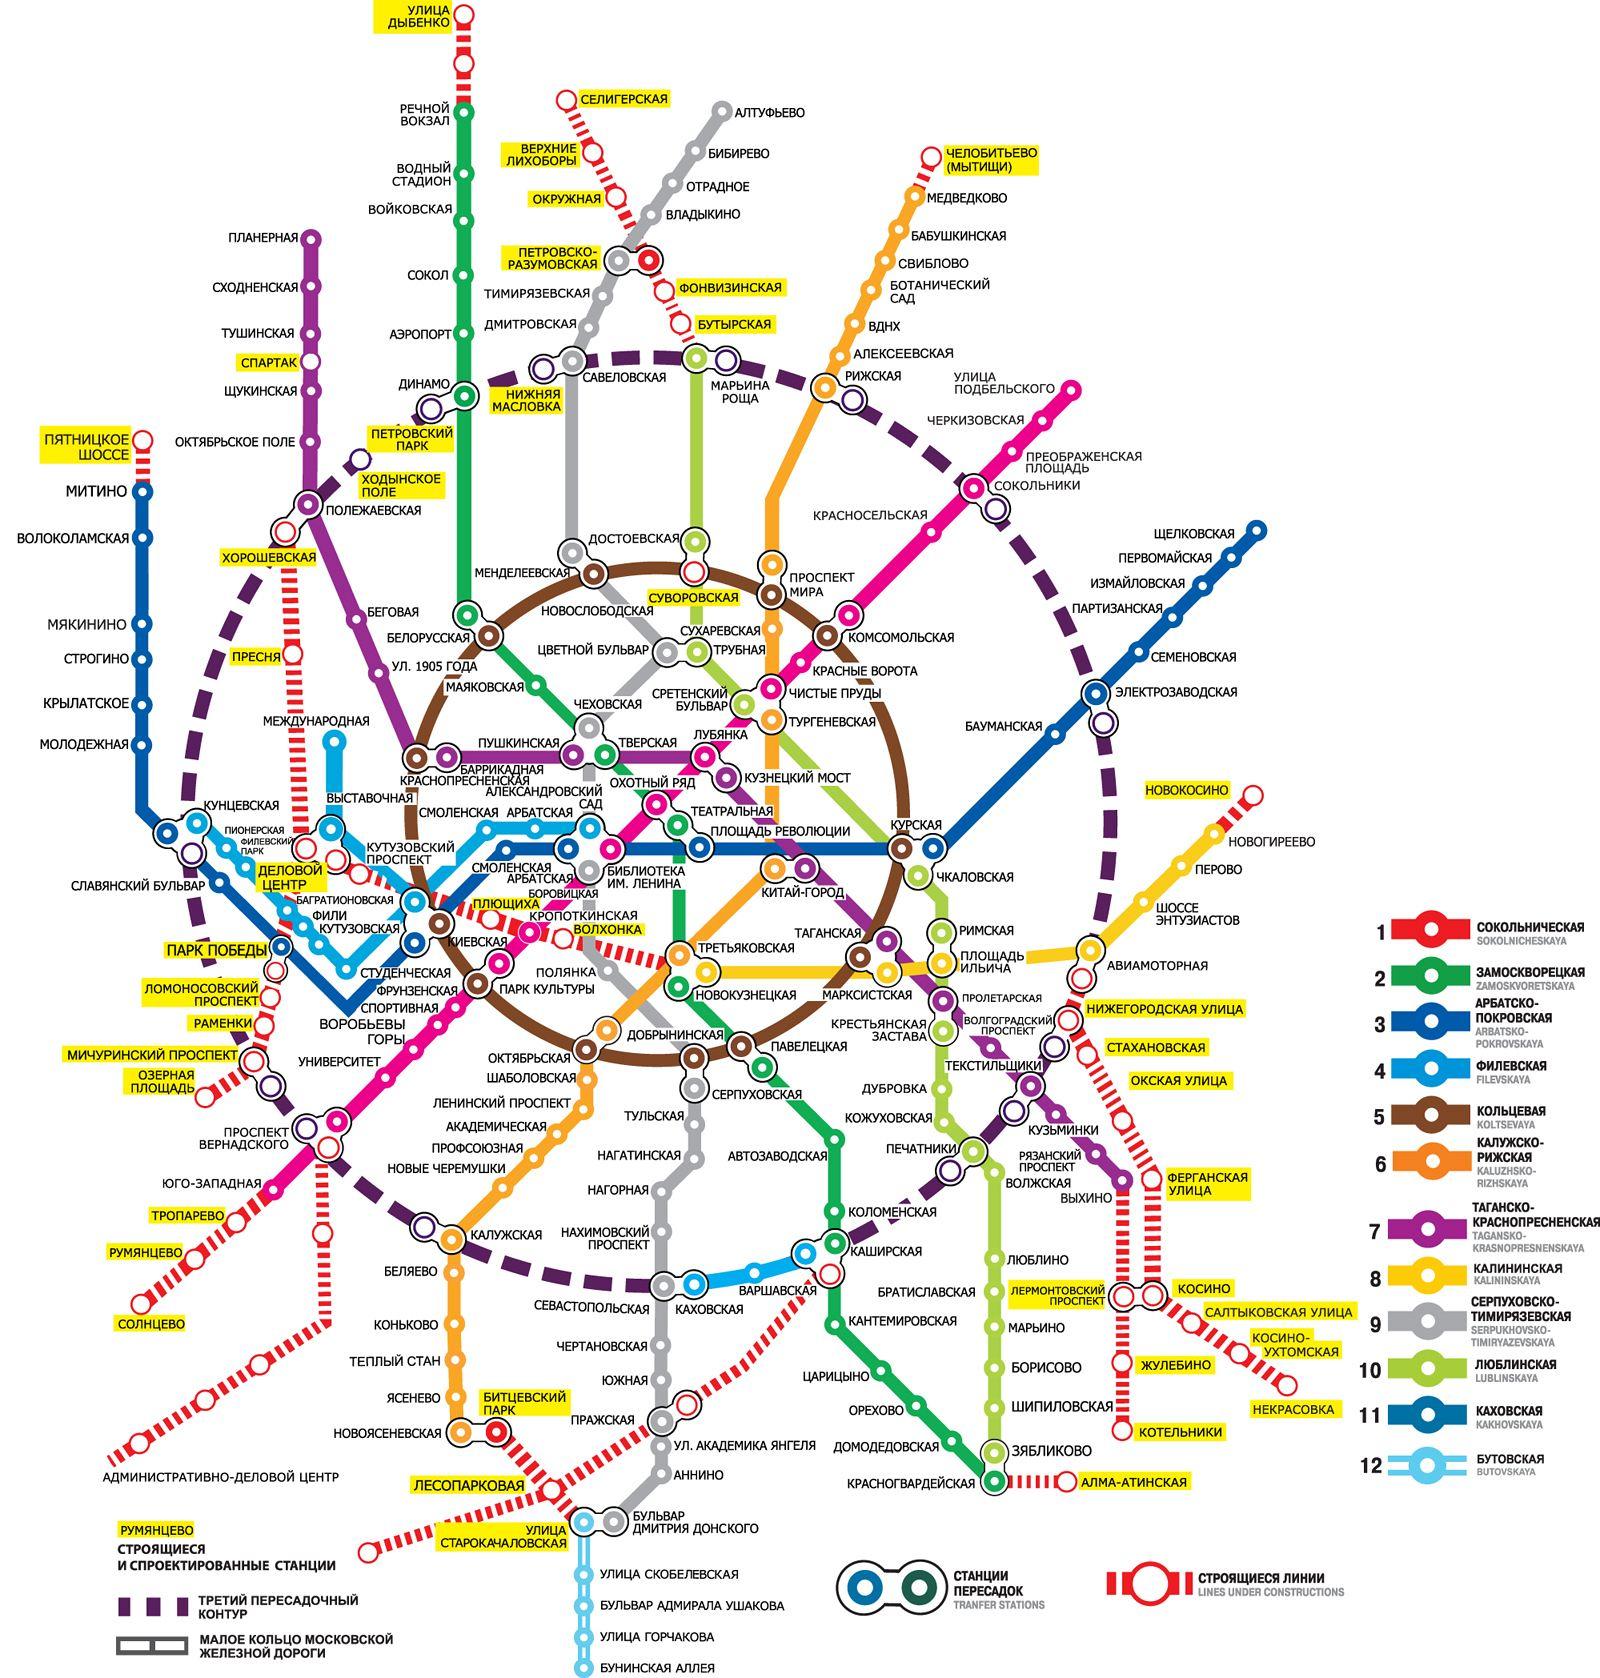 Мио мой мио новая карта метро уже